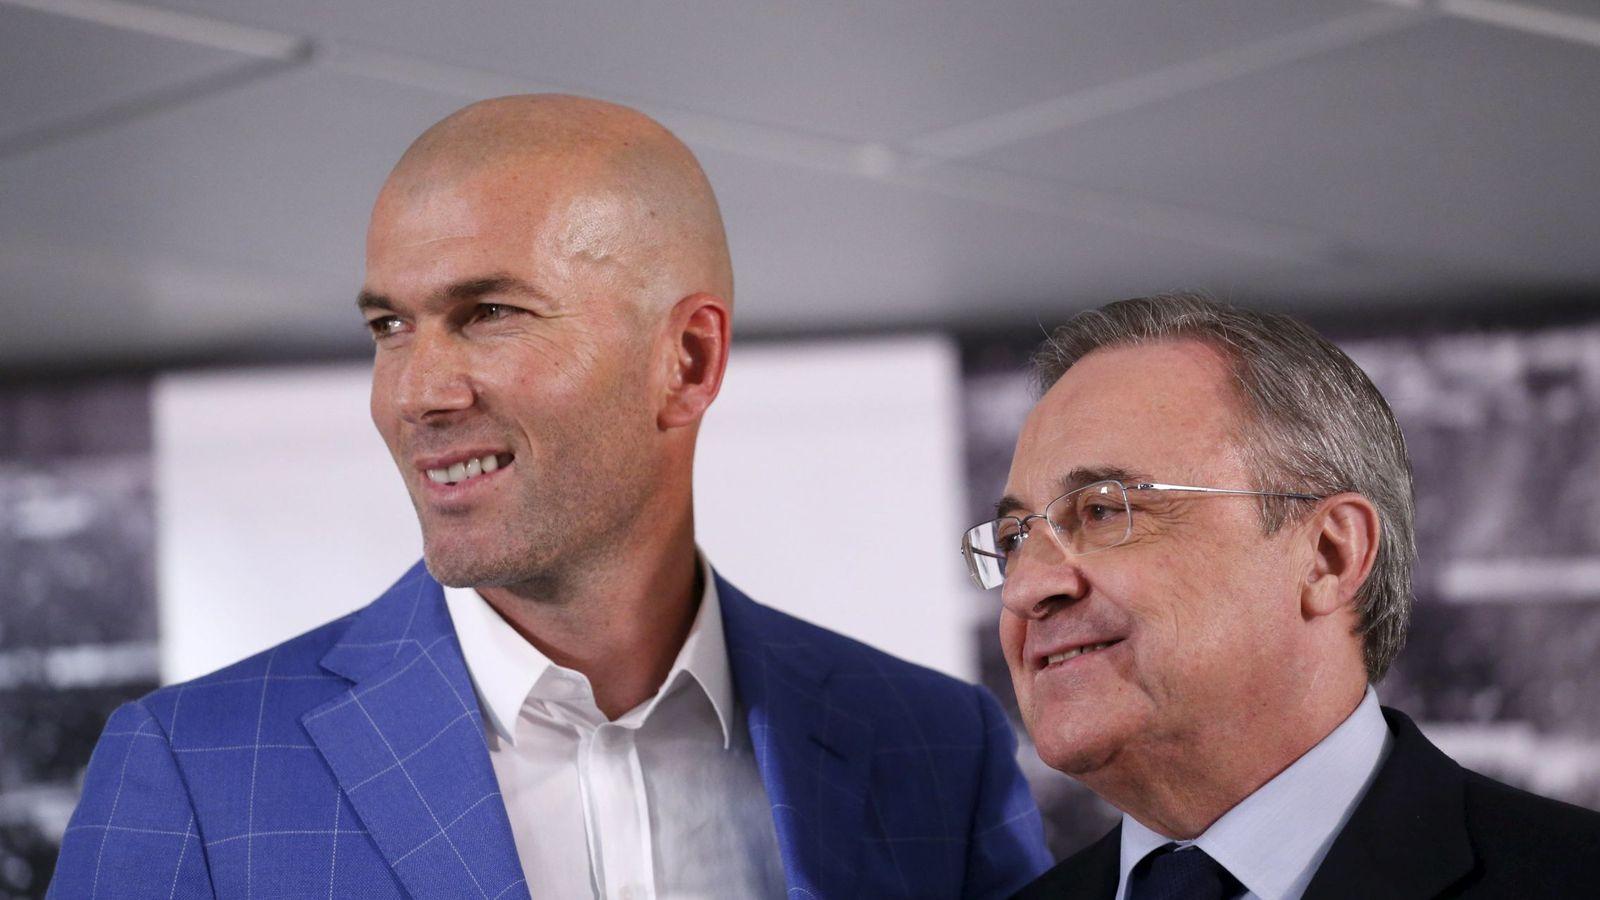 Foto: Zidane y Florentino Pérez, el día de la presentación del francés como entrenador. (Reuters/ Juan Medina)